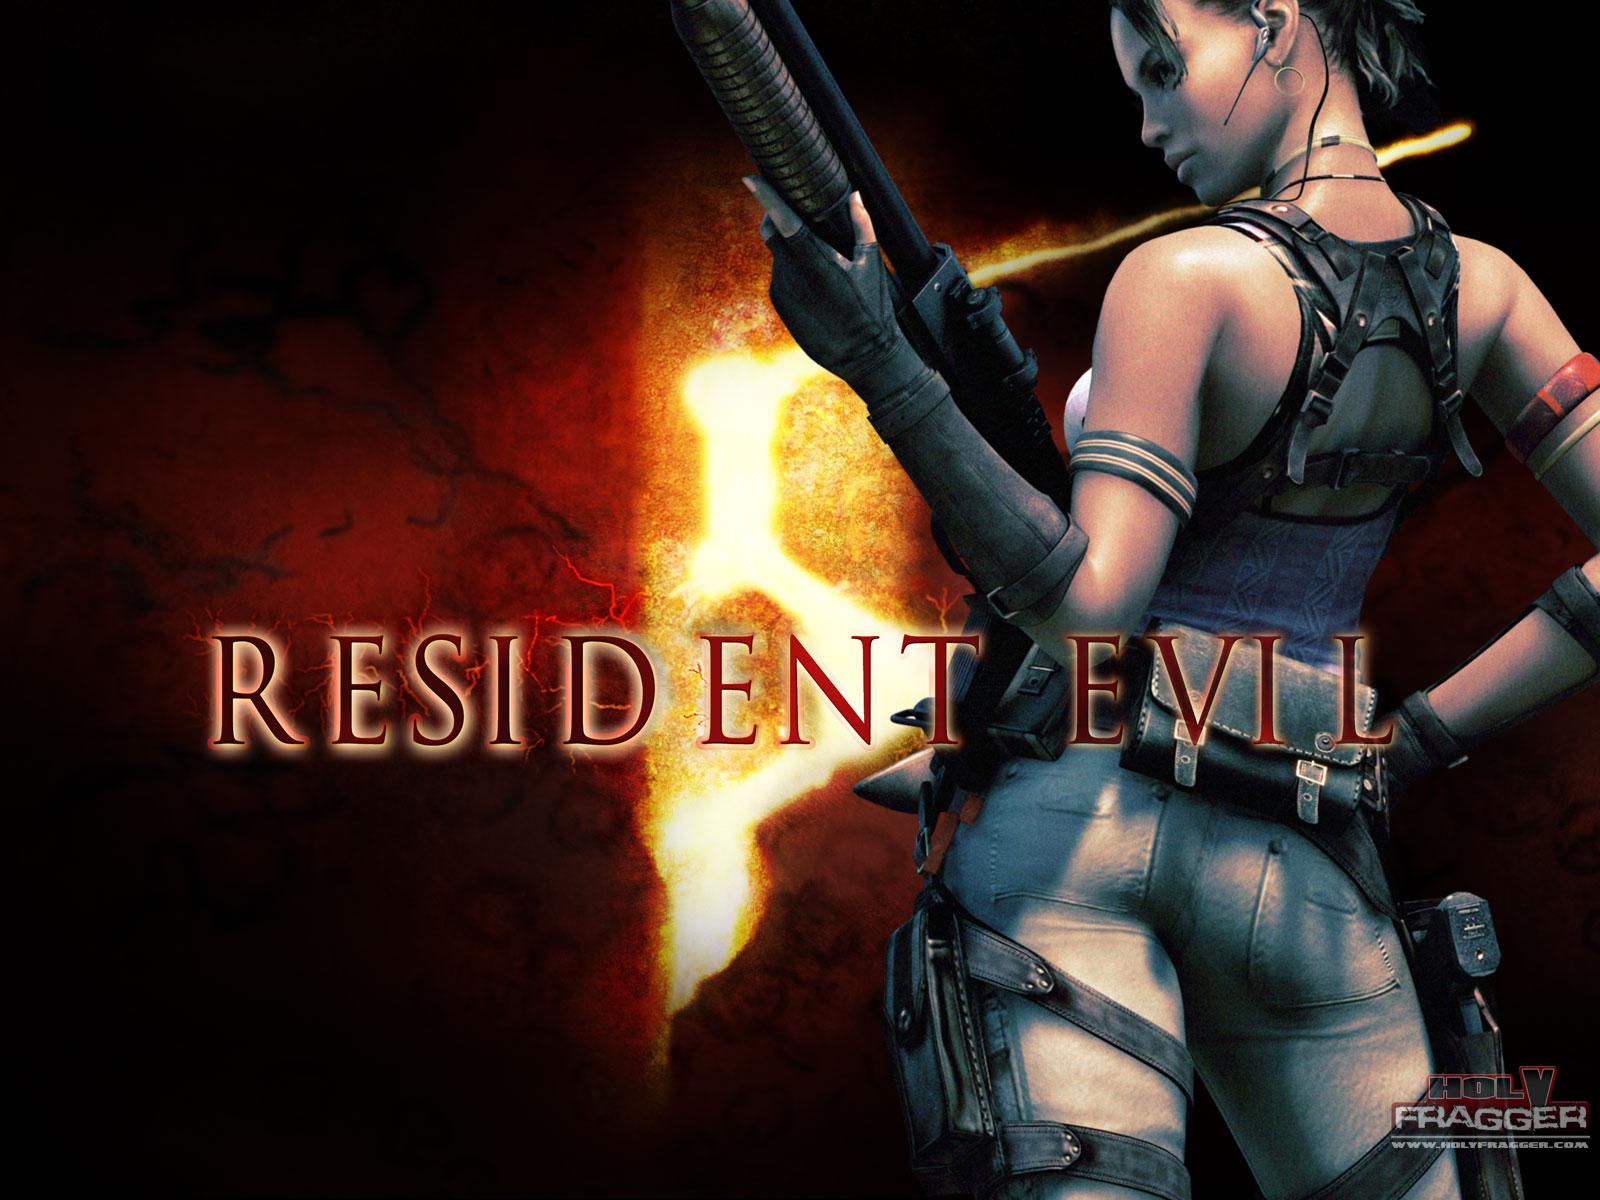 Resident evil 5 wallpaper - Wallpaper resident evil 5 ...